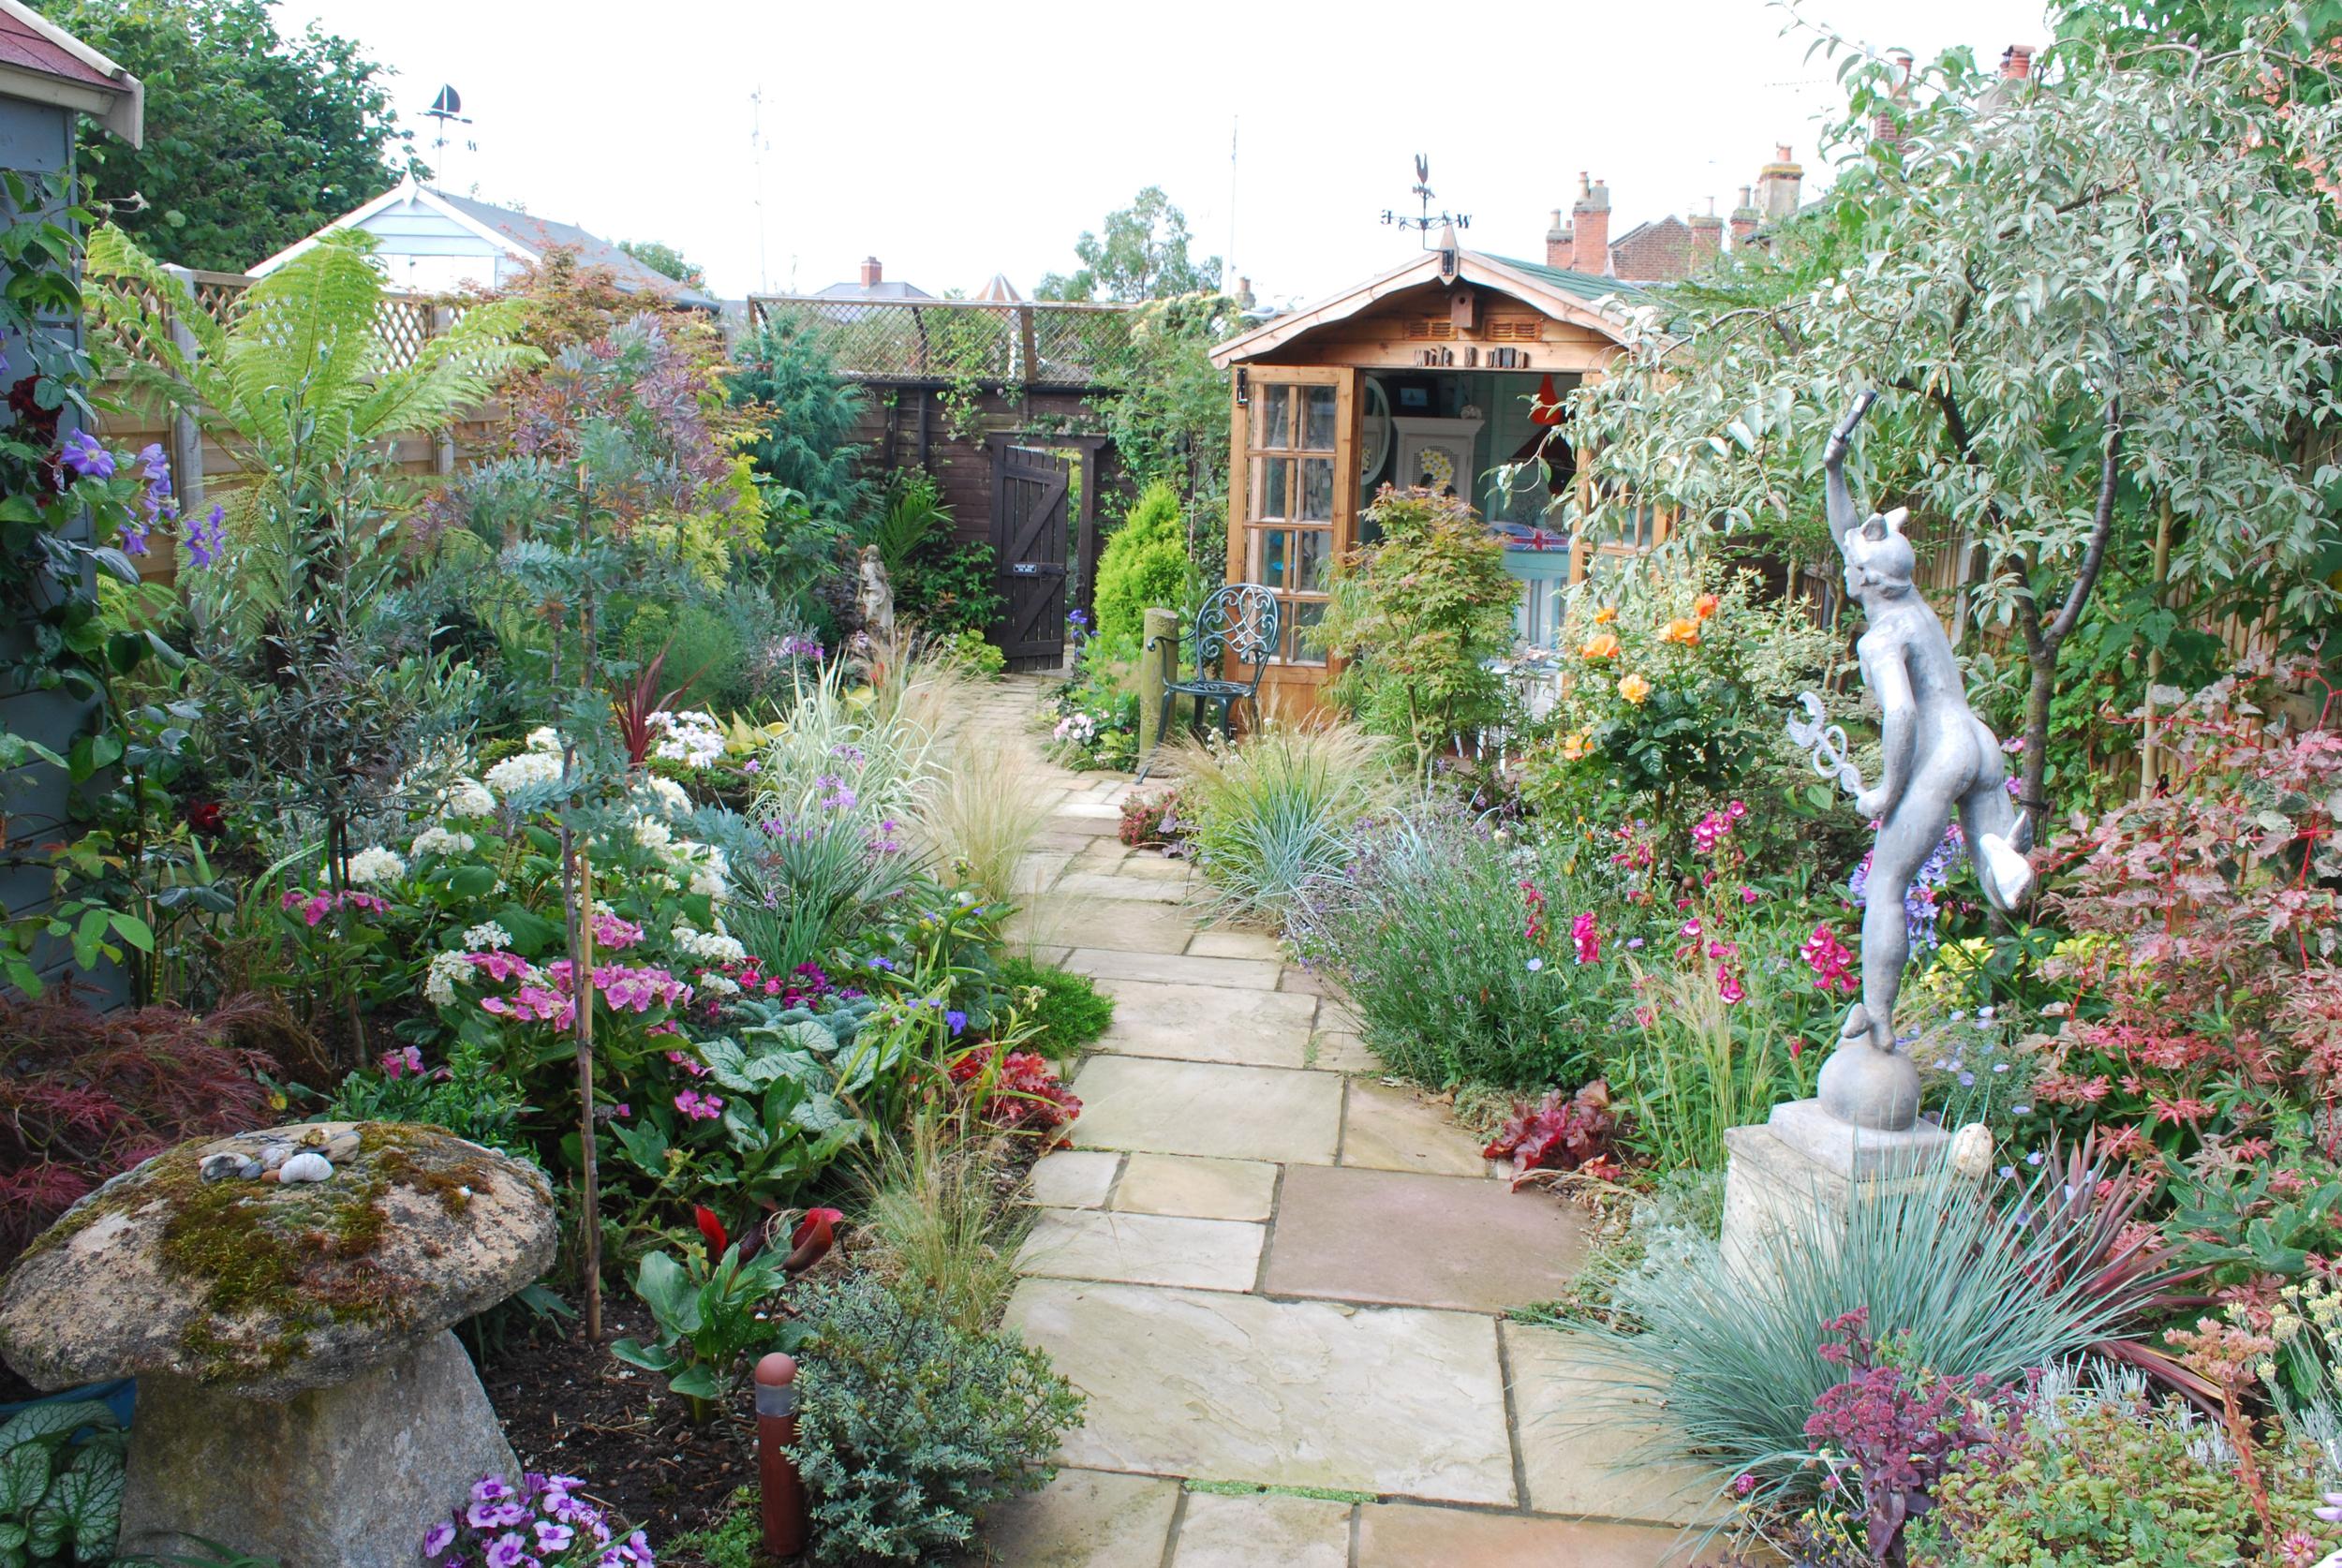 Fletcher Reader Garden